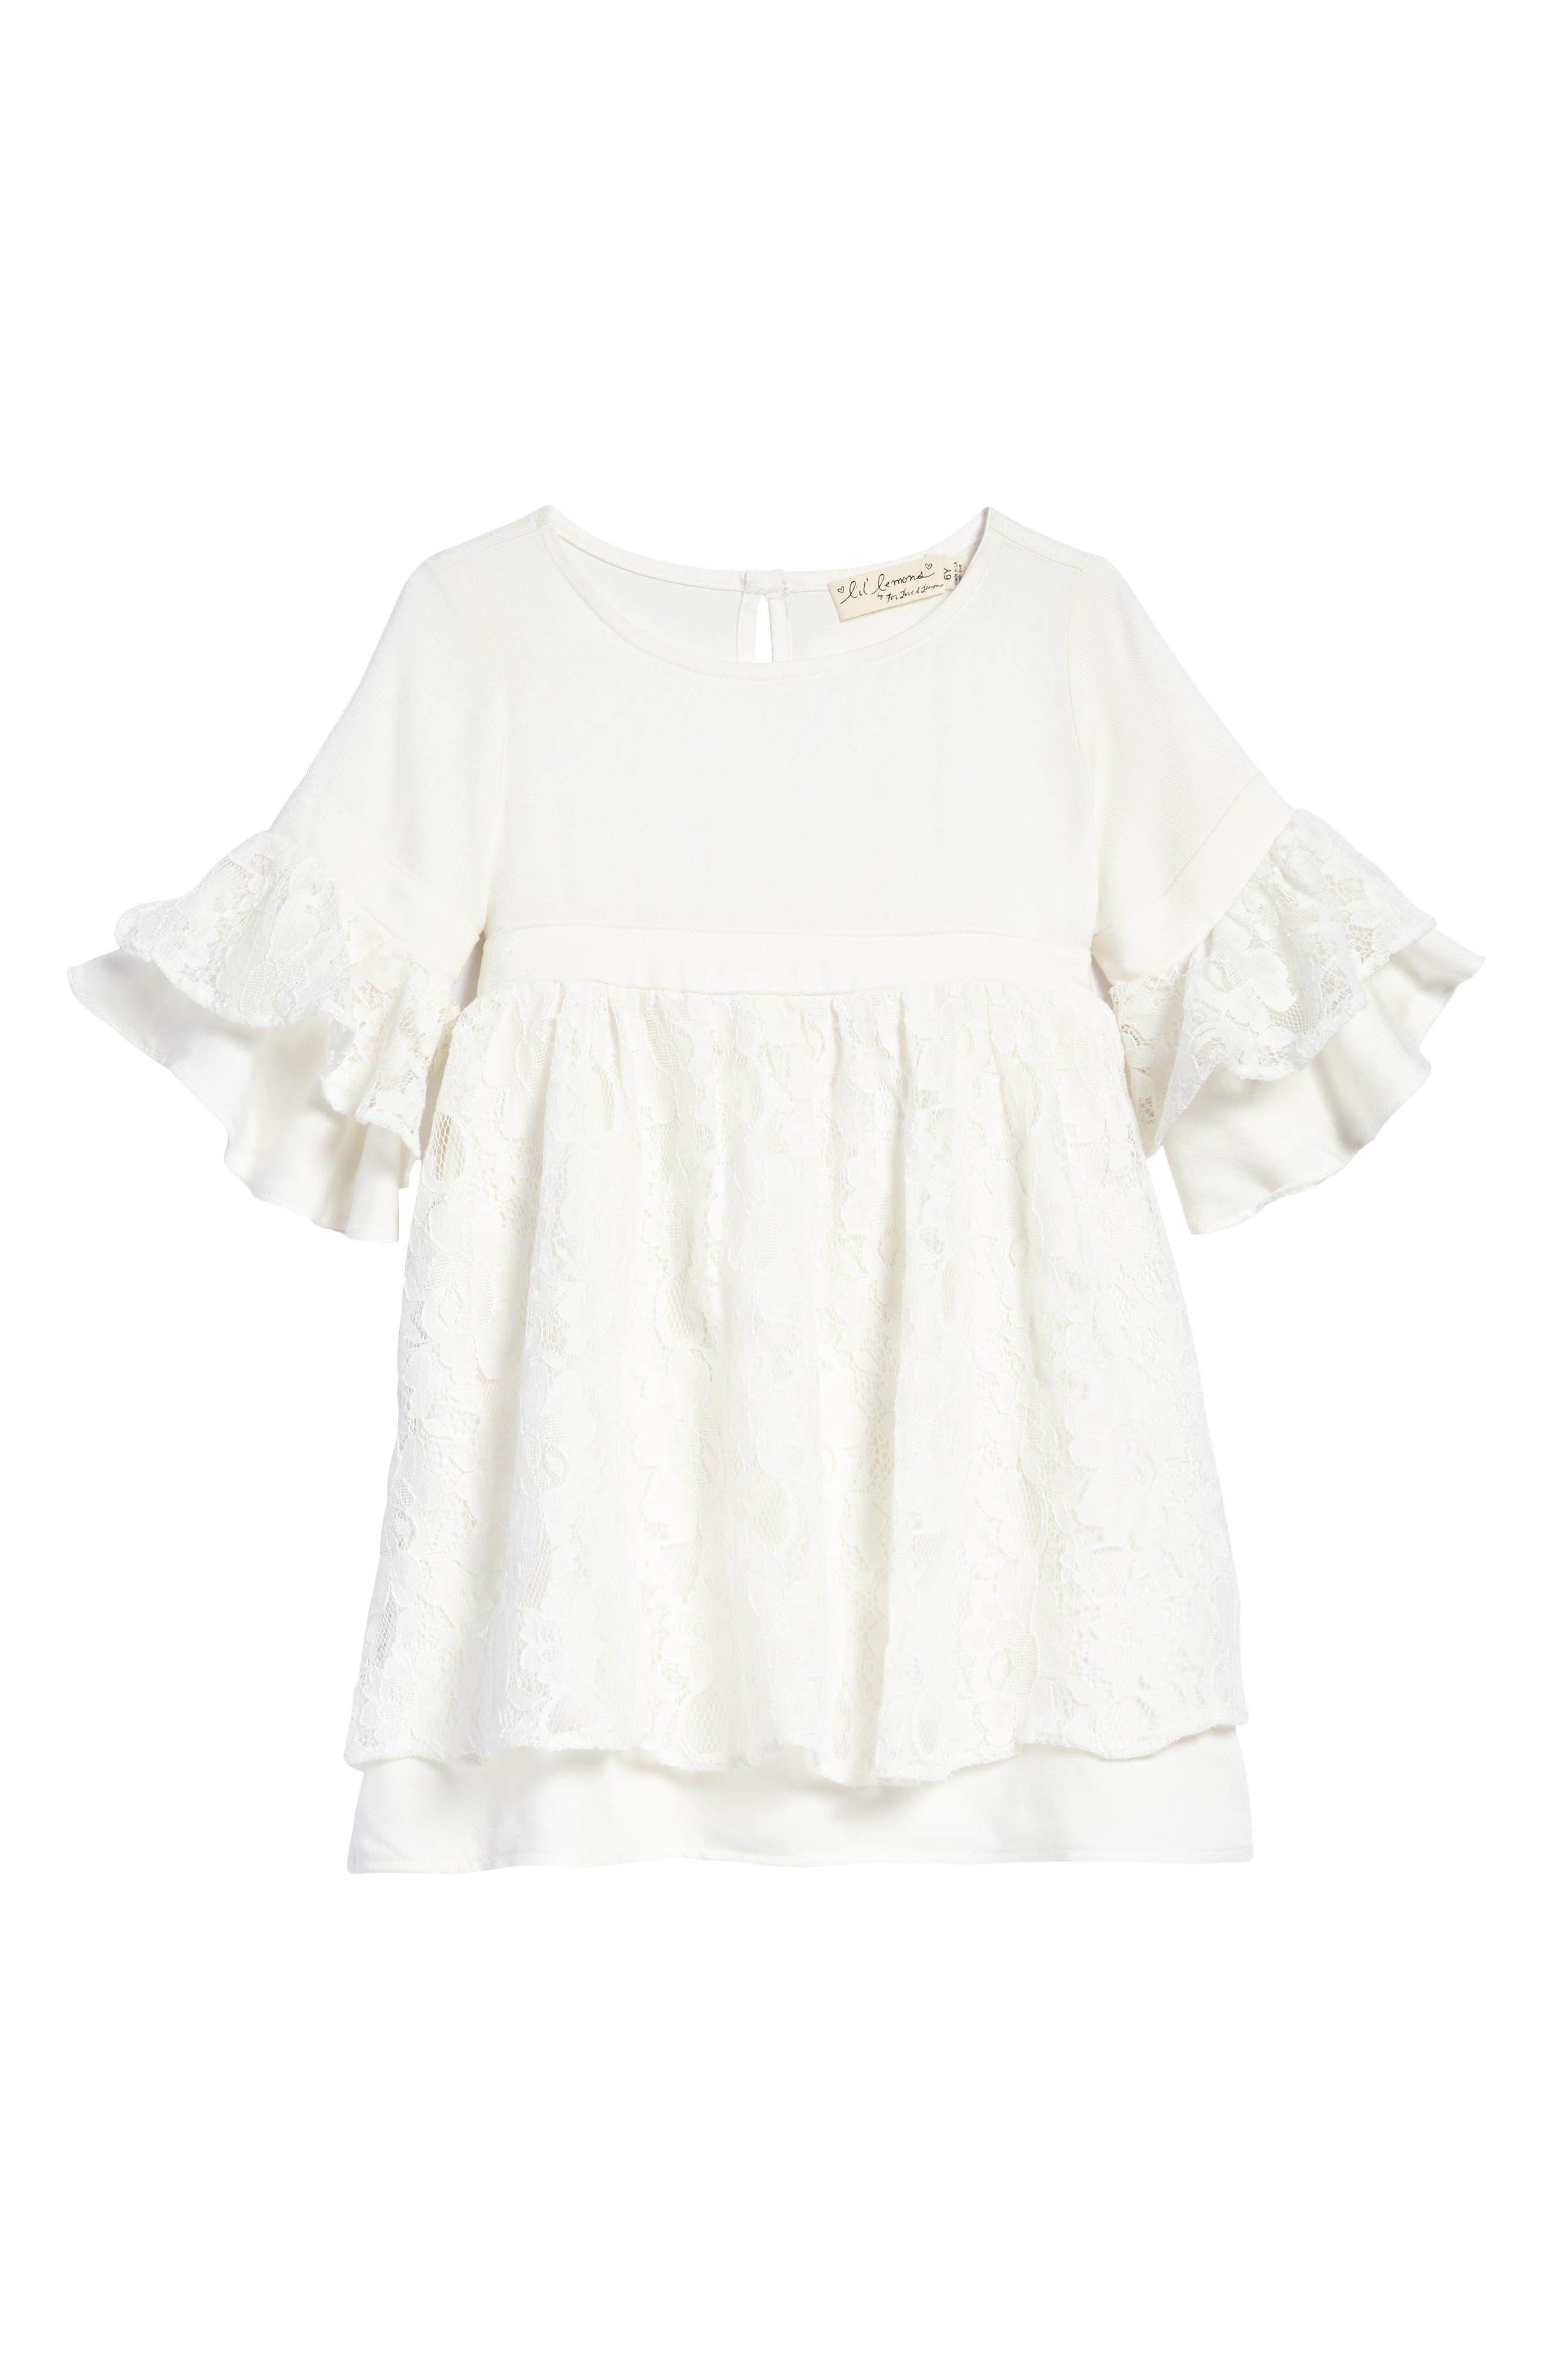 Main Image - Lil Lemons by For Love & Lemons Lyla Lace Dress (Toddler Girls & Little Girls)